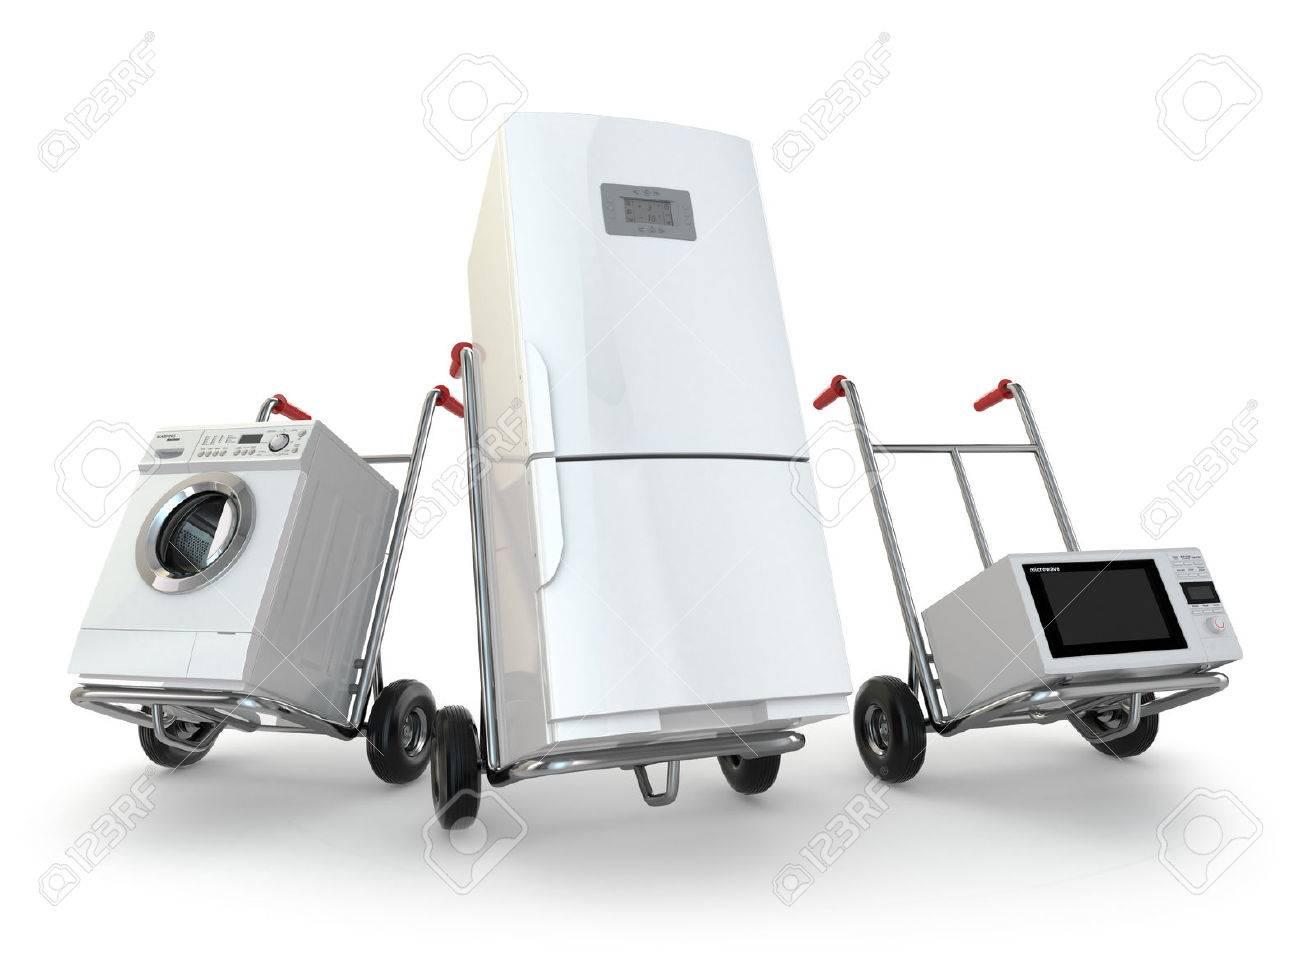 Imagini pentru transport lavatrice